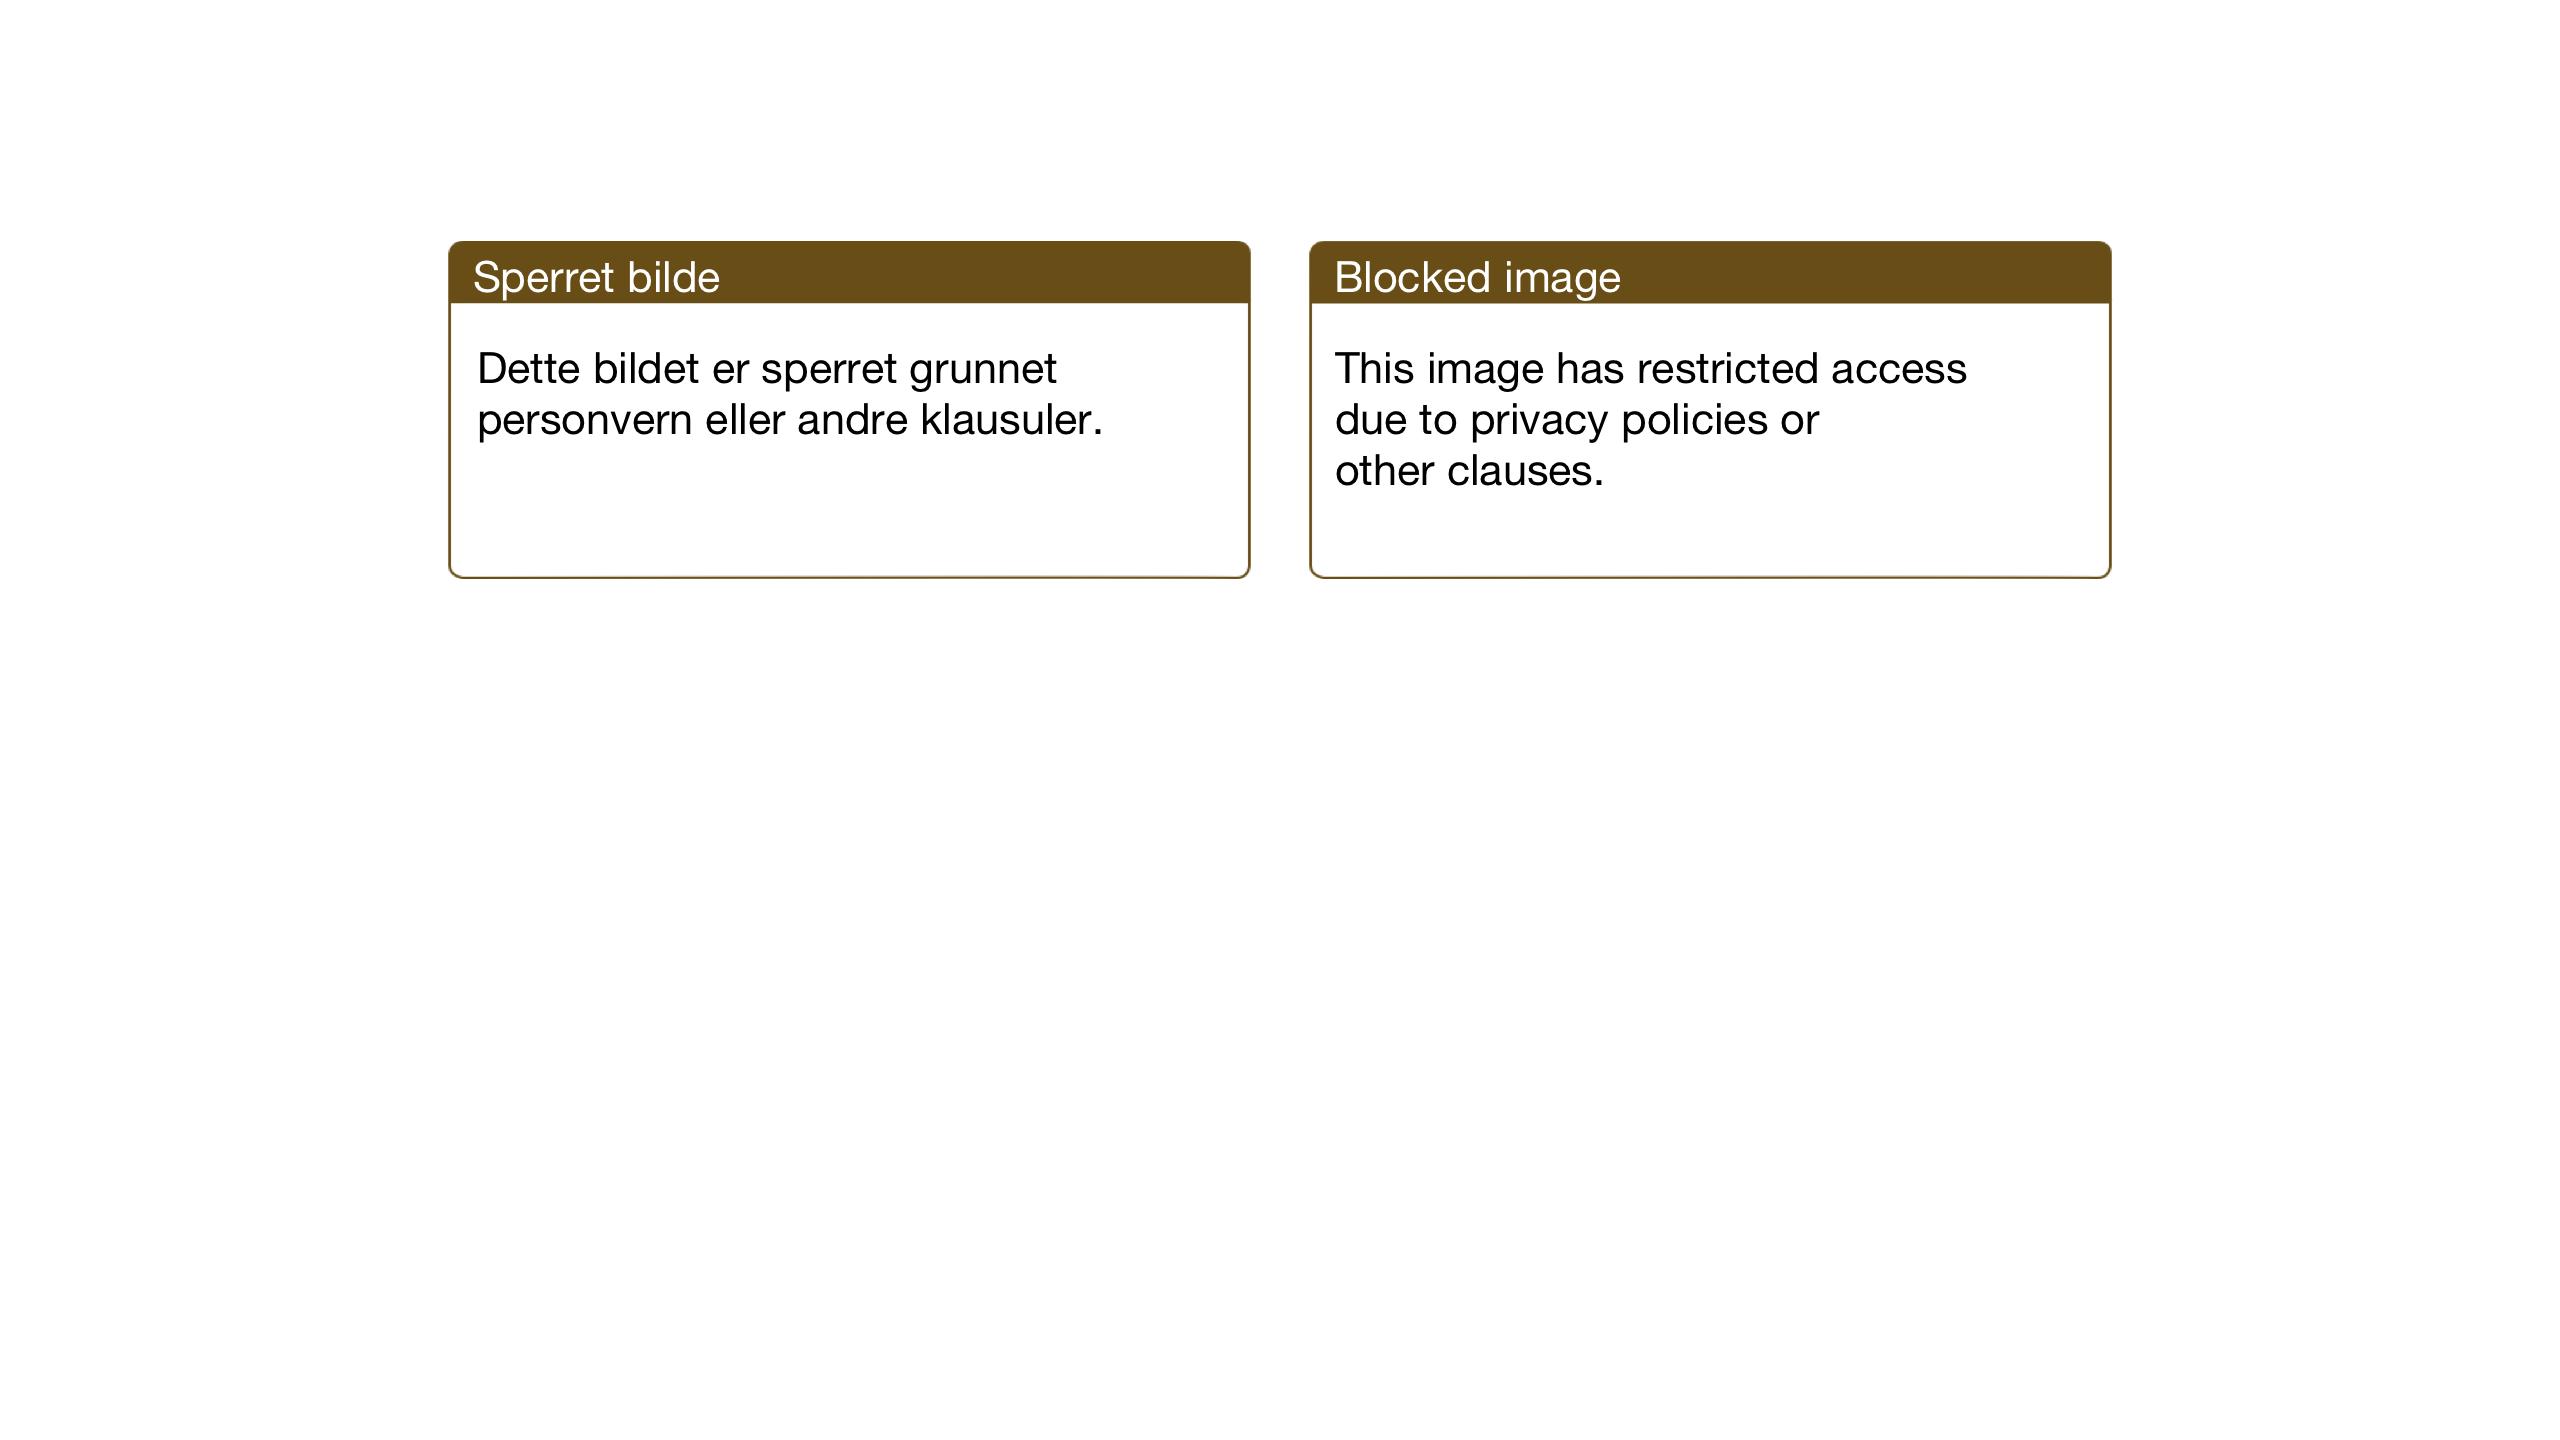 SAT, Ministerialprotokoller, klokkerbøker og fødselsregistre - Nord-Trøndelag, 740/L0383: Klokkerbok nr. 740C04, 1927-1939, s. 83